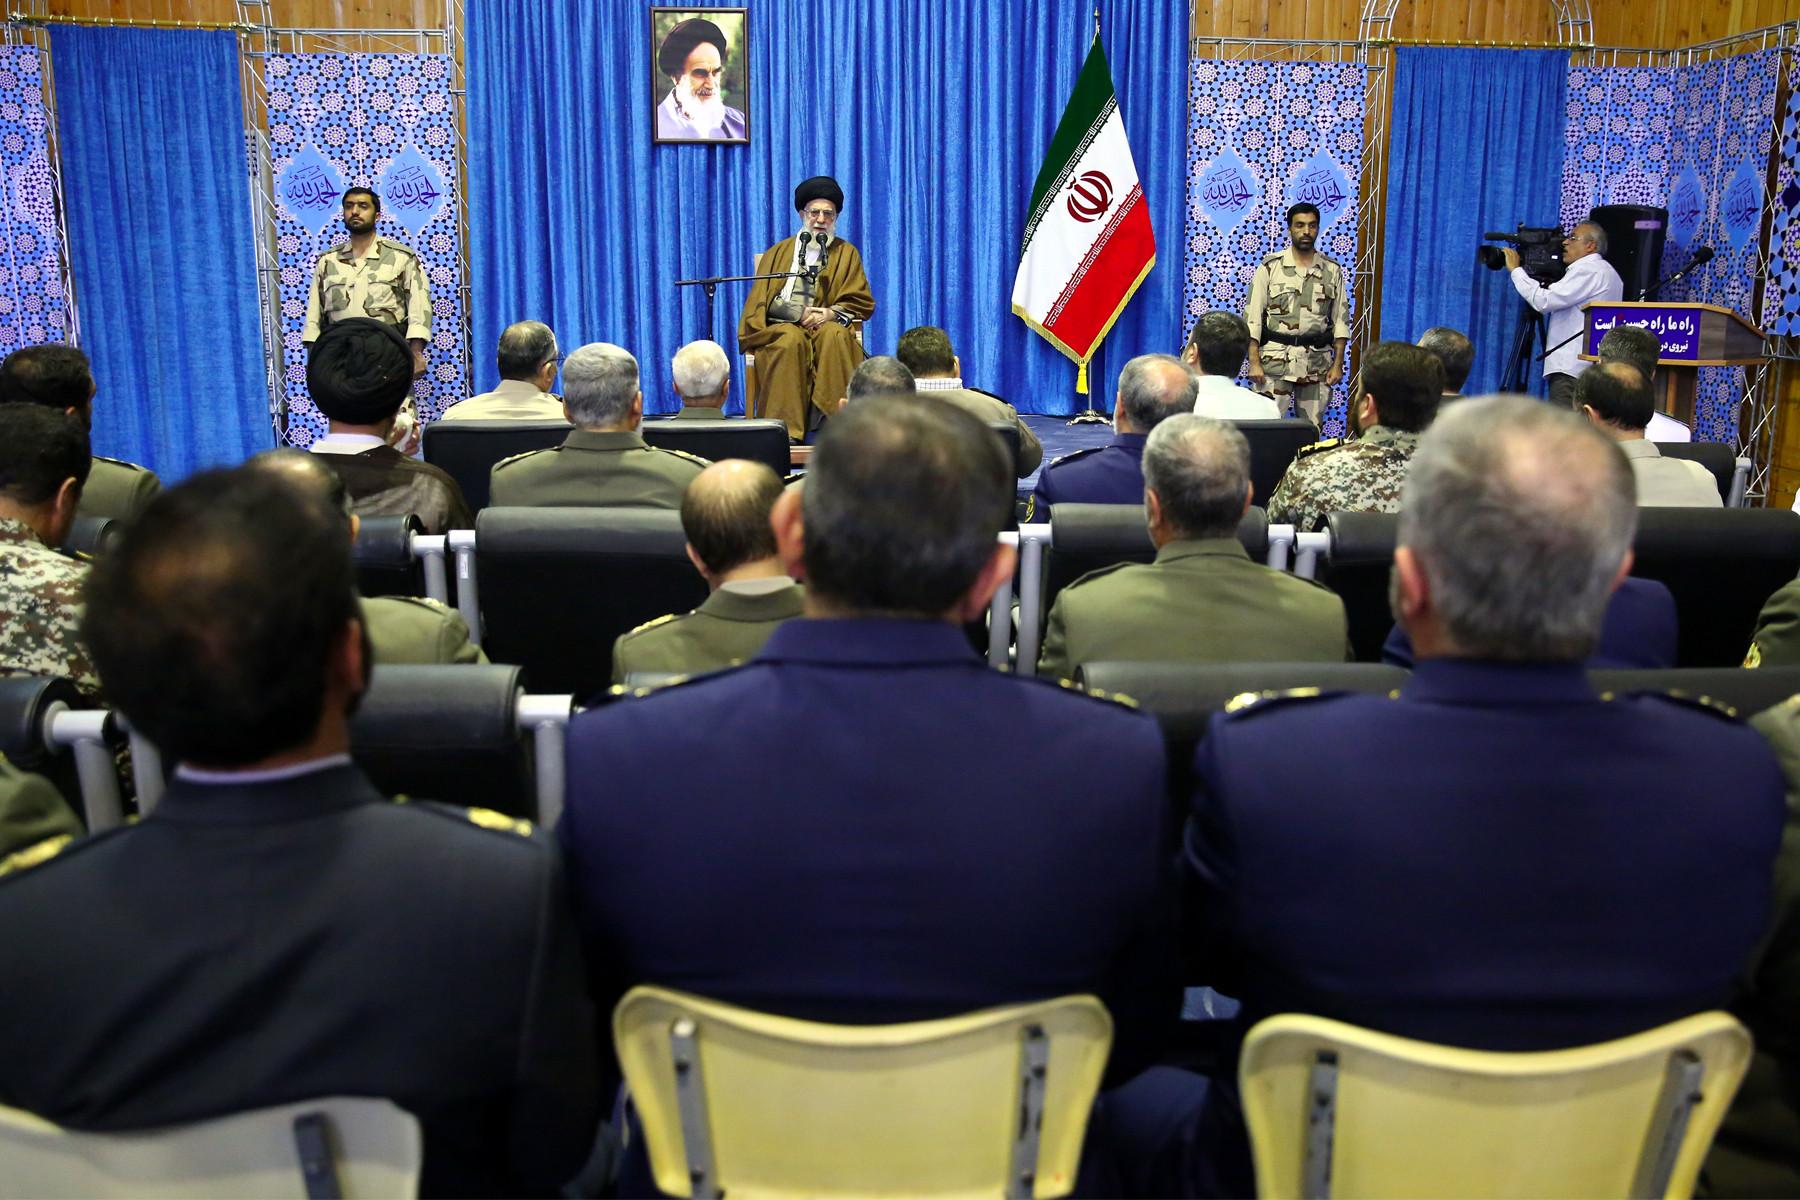 دیدار فرماندهان ارتش با رهبر انقلاب در نوشهر